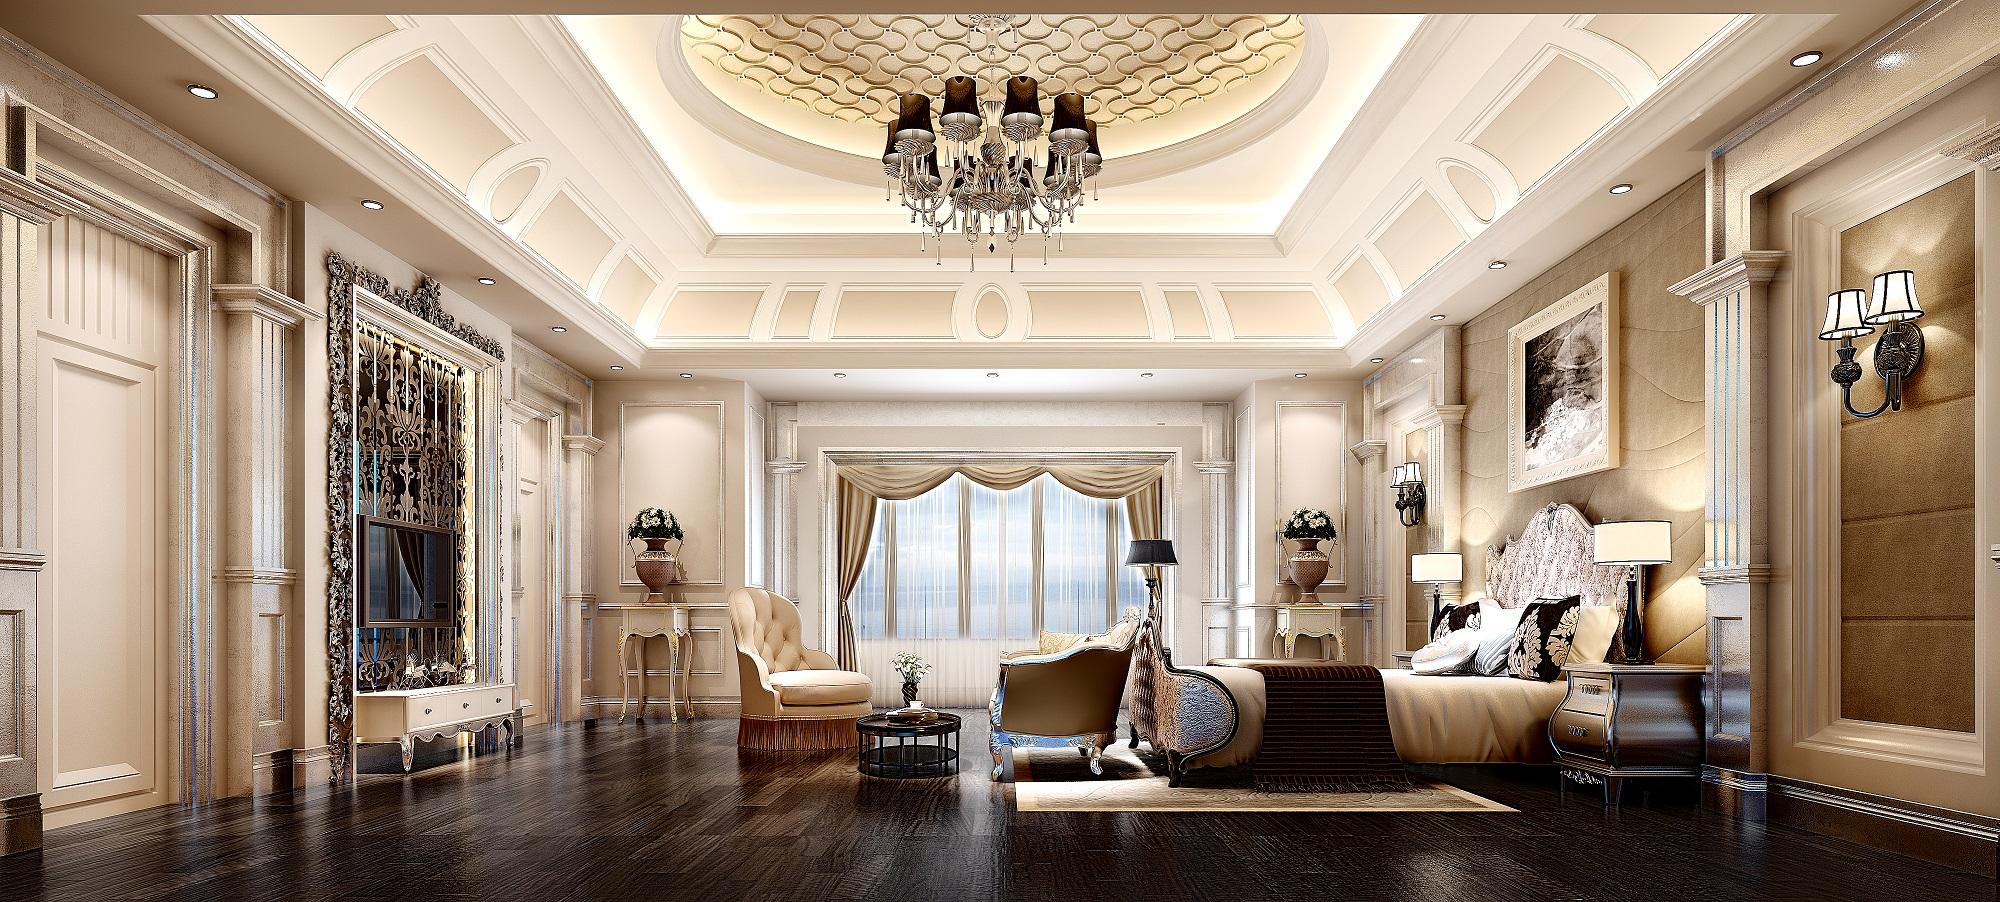 现代欧式豪华精装卧室3d模型下载